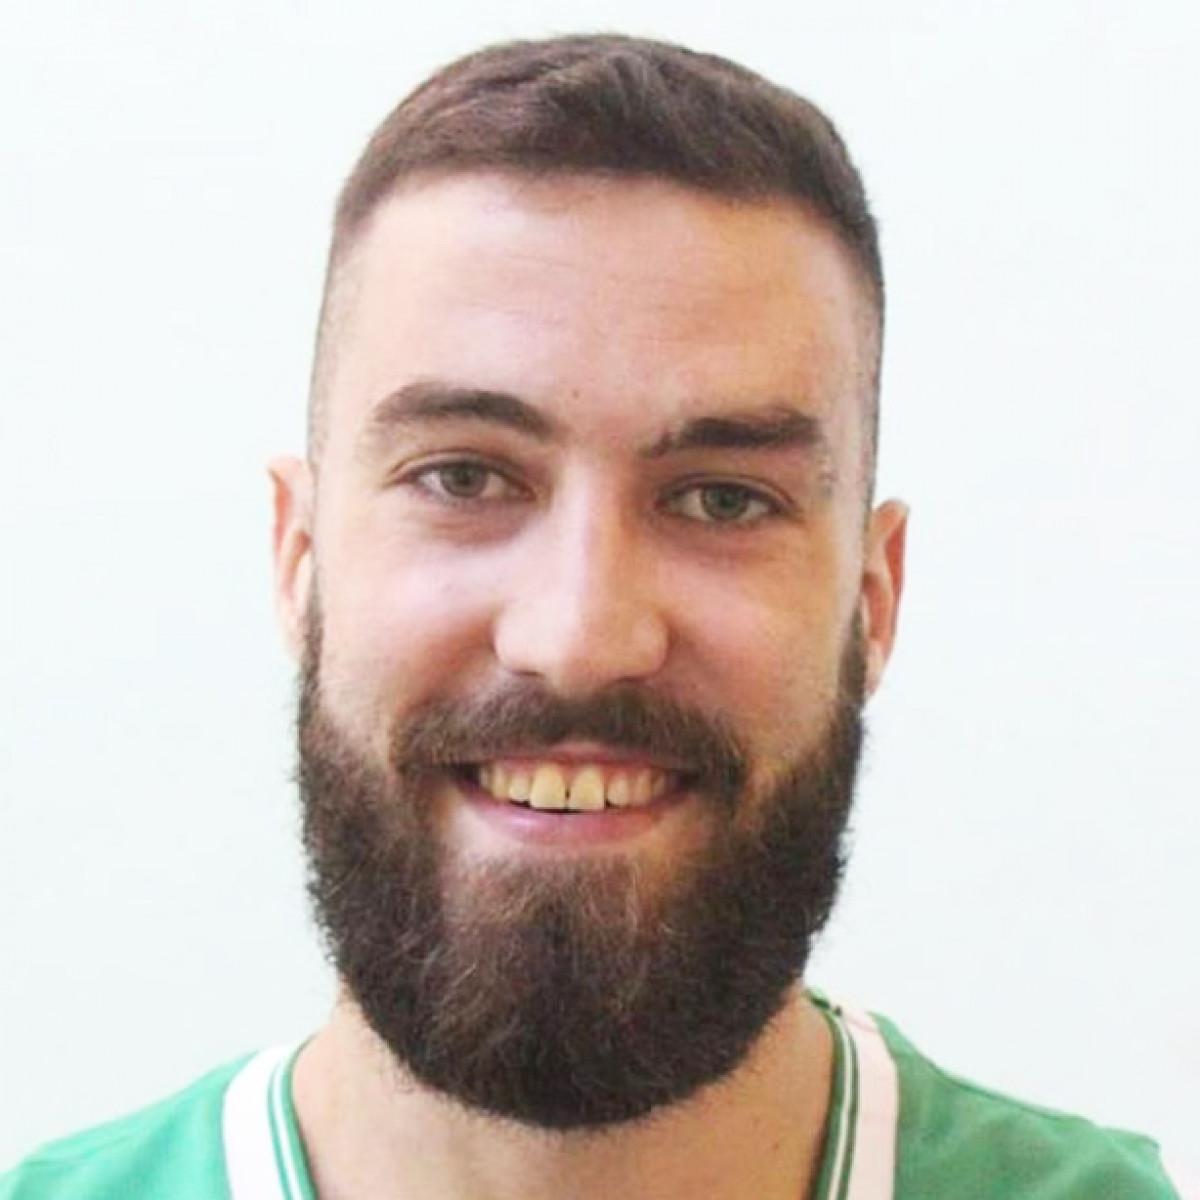 Milos Pajovic